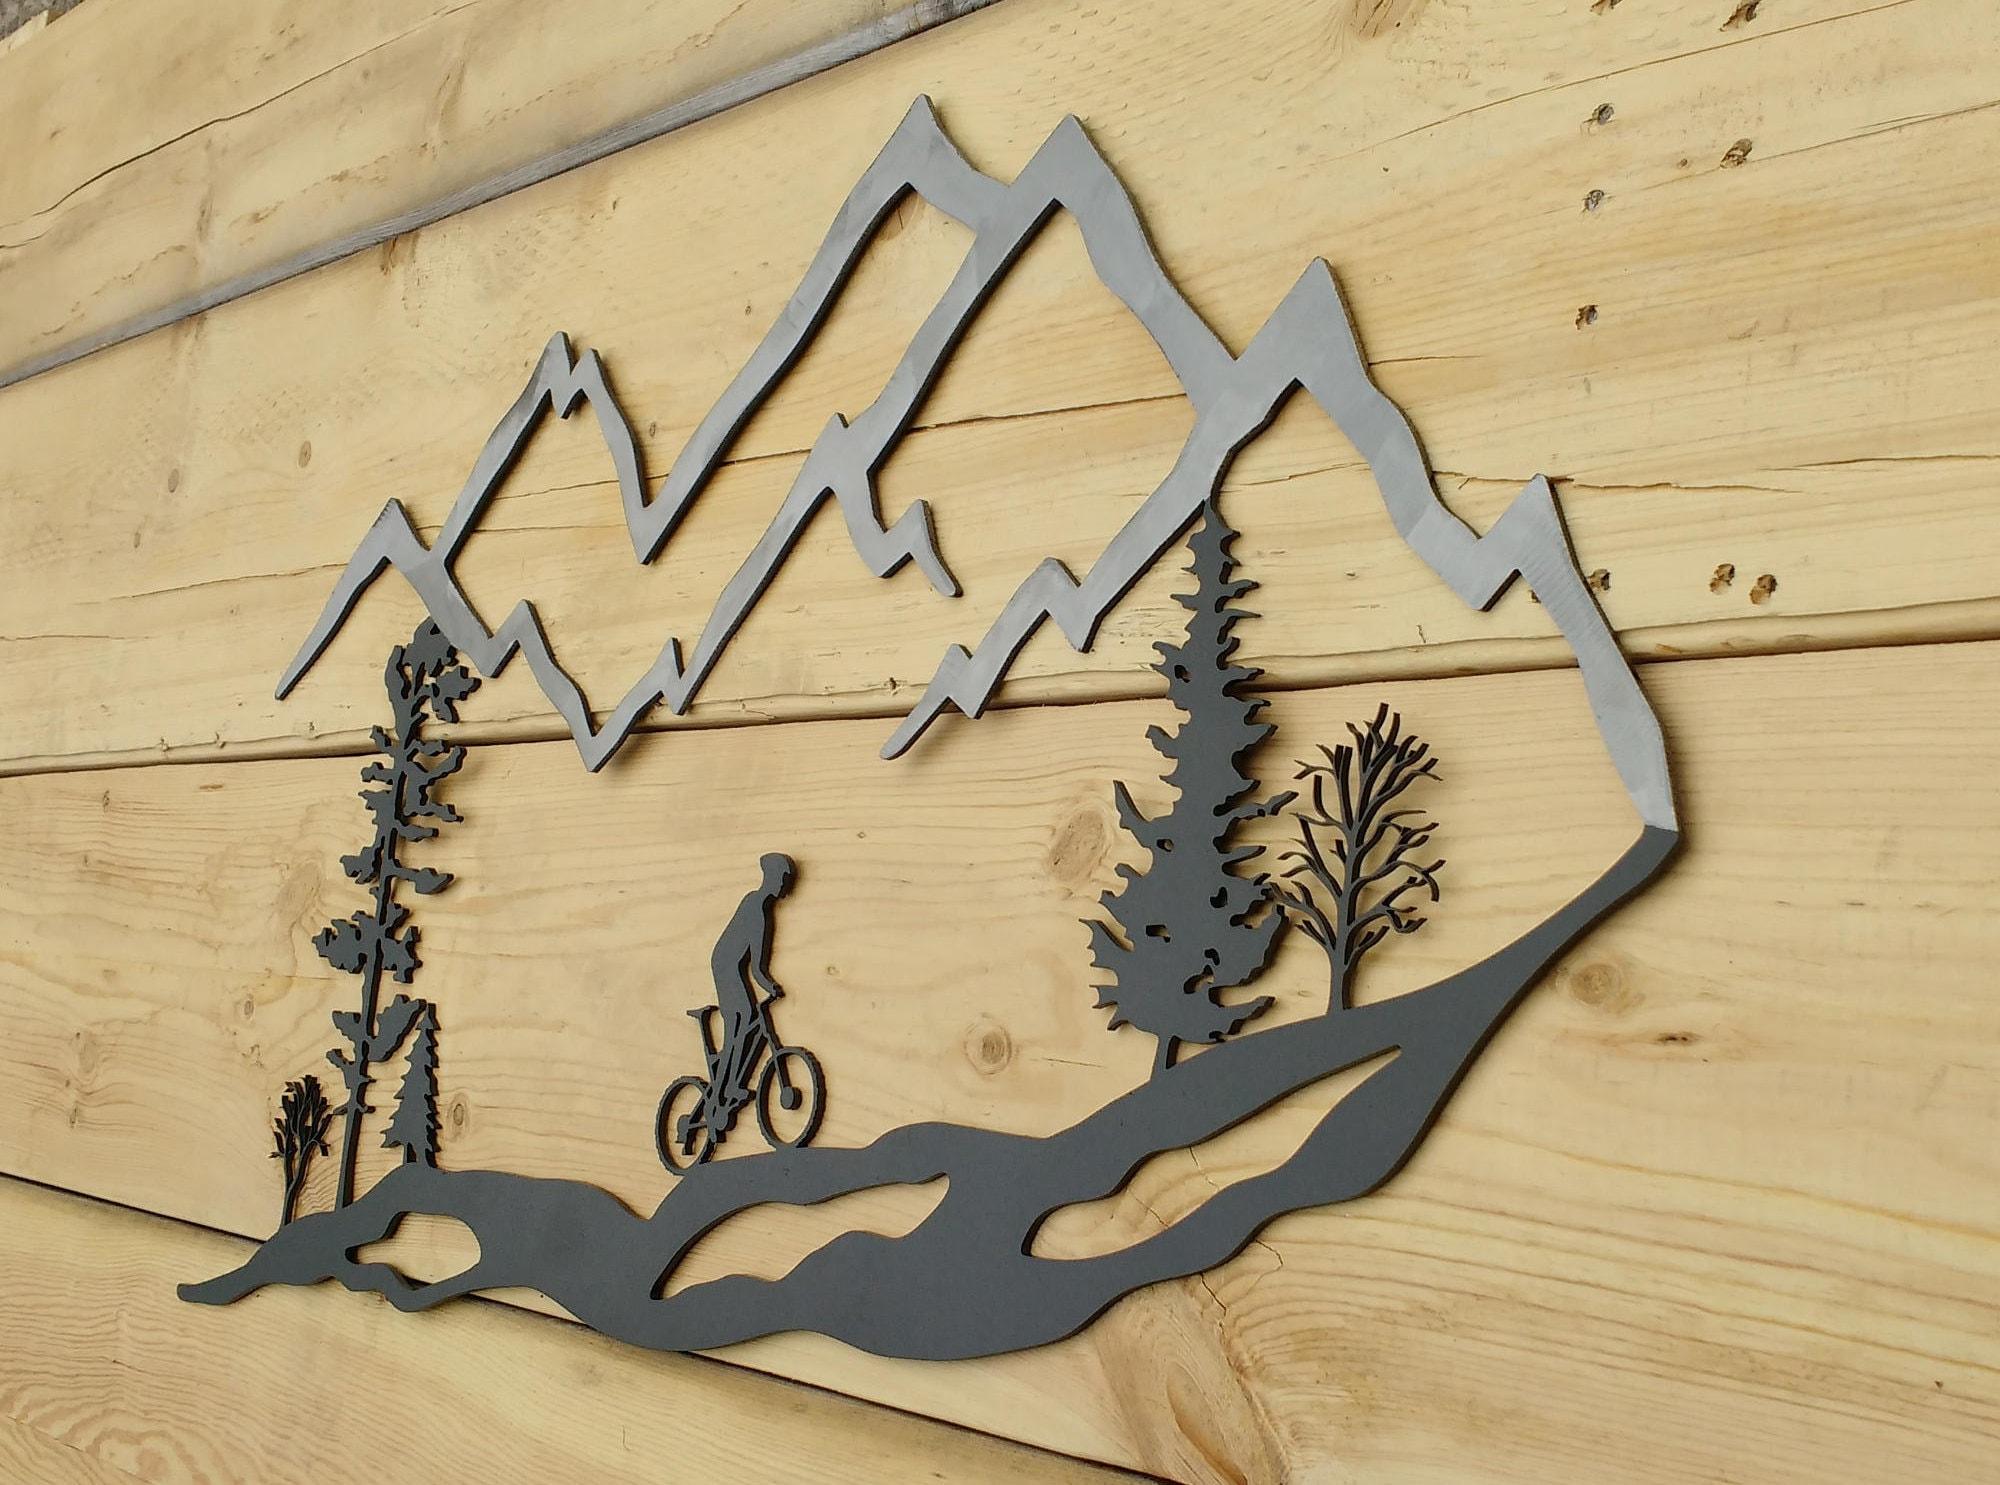 Metal Wall Art Mountain Bike Trees Mountain Bike MTB